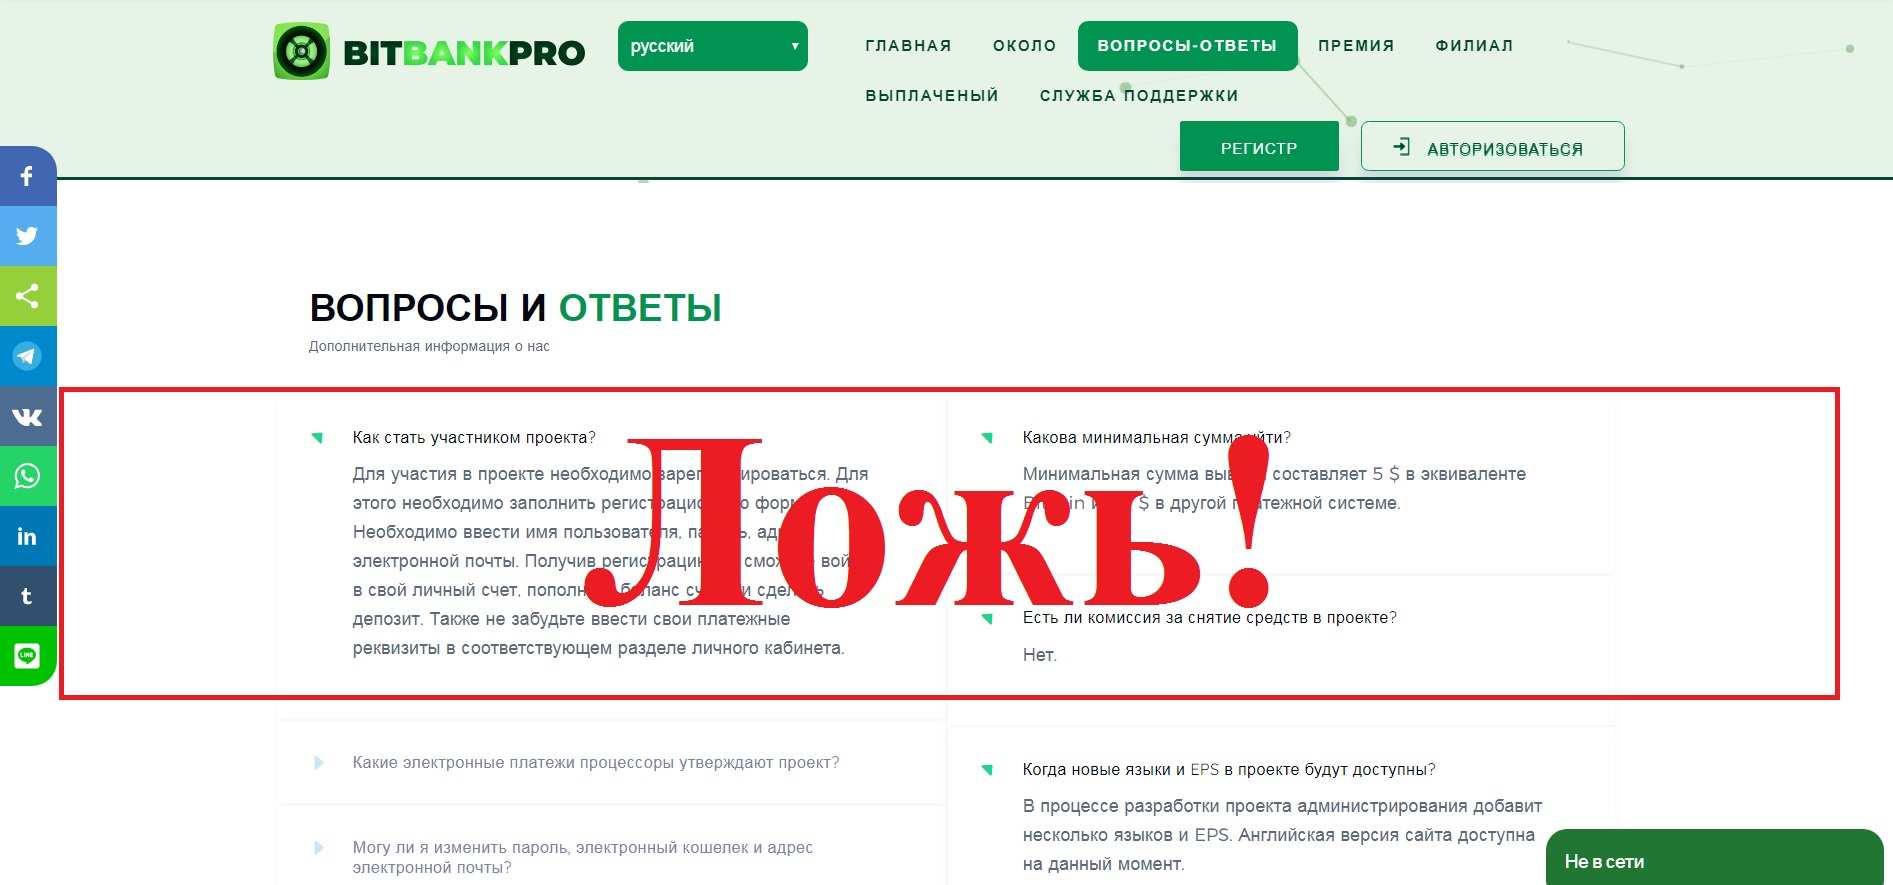 Bit Bank Pro – инвестиционные услуги с bitbankpro.com